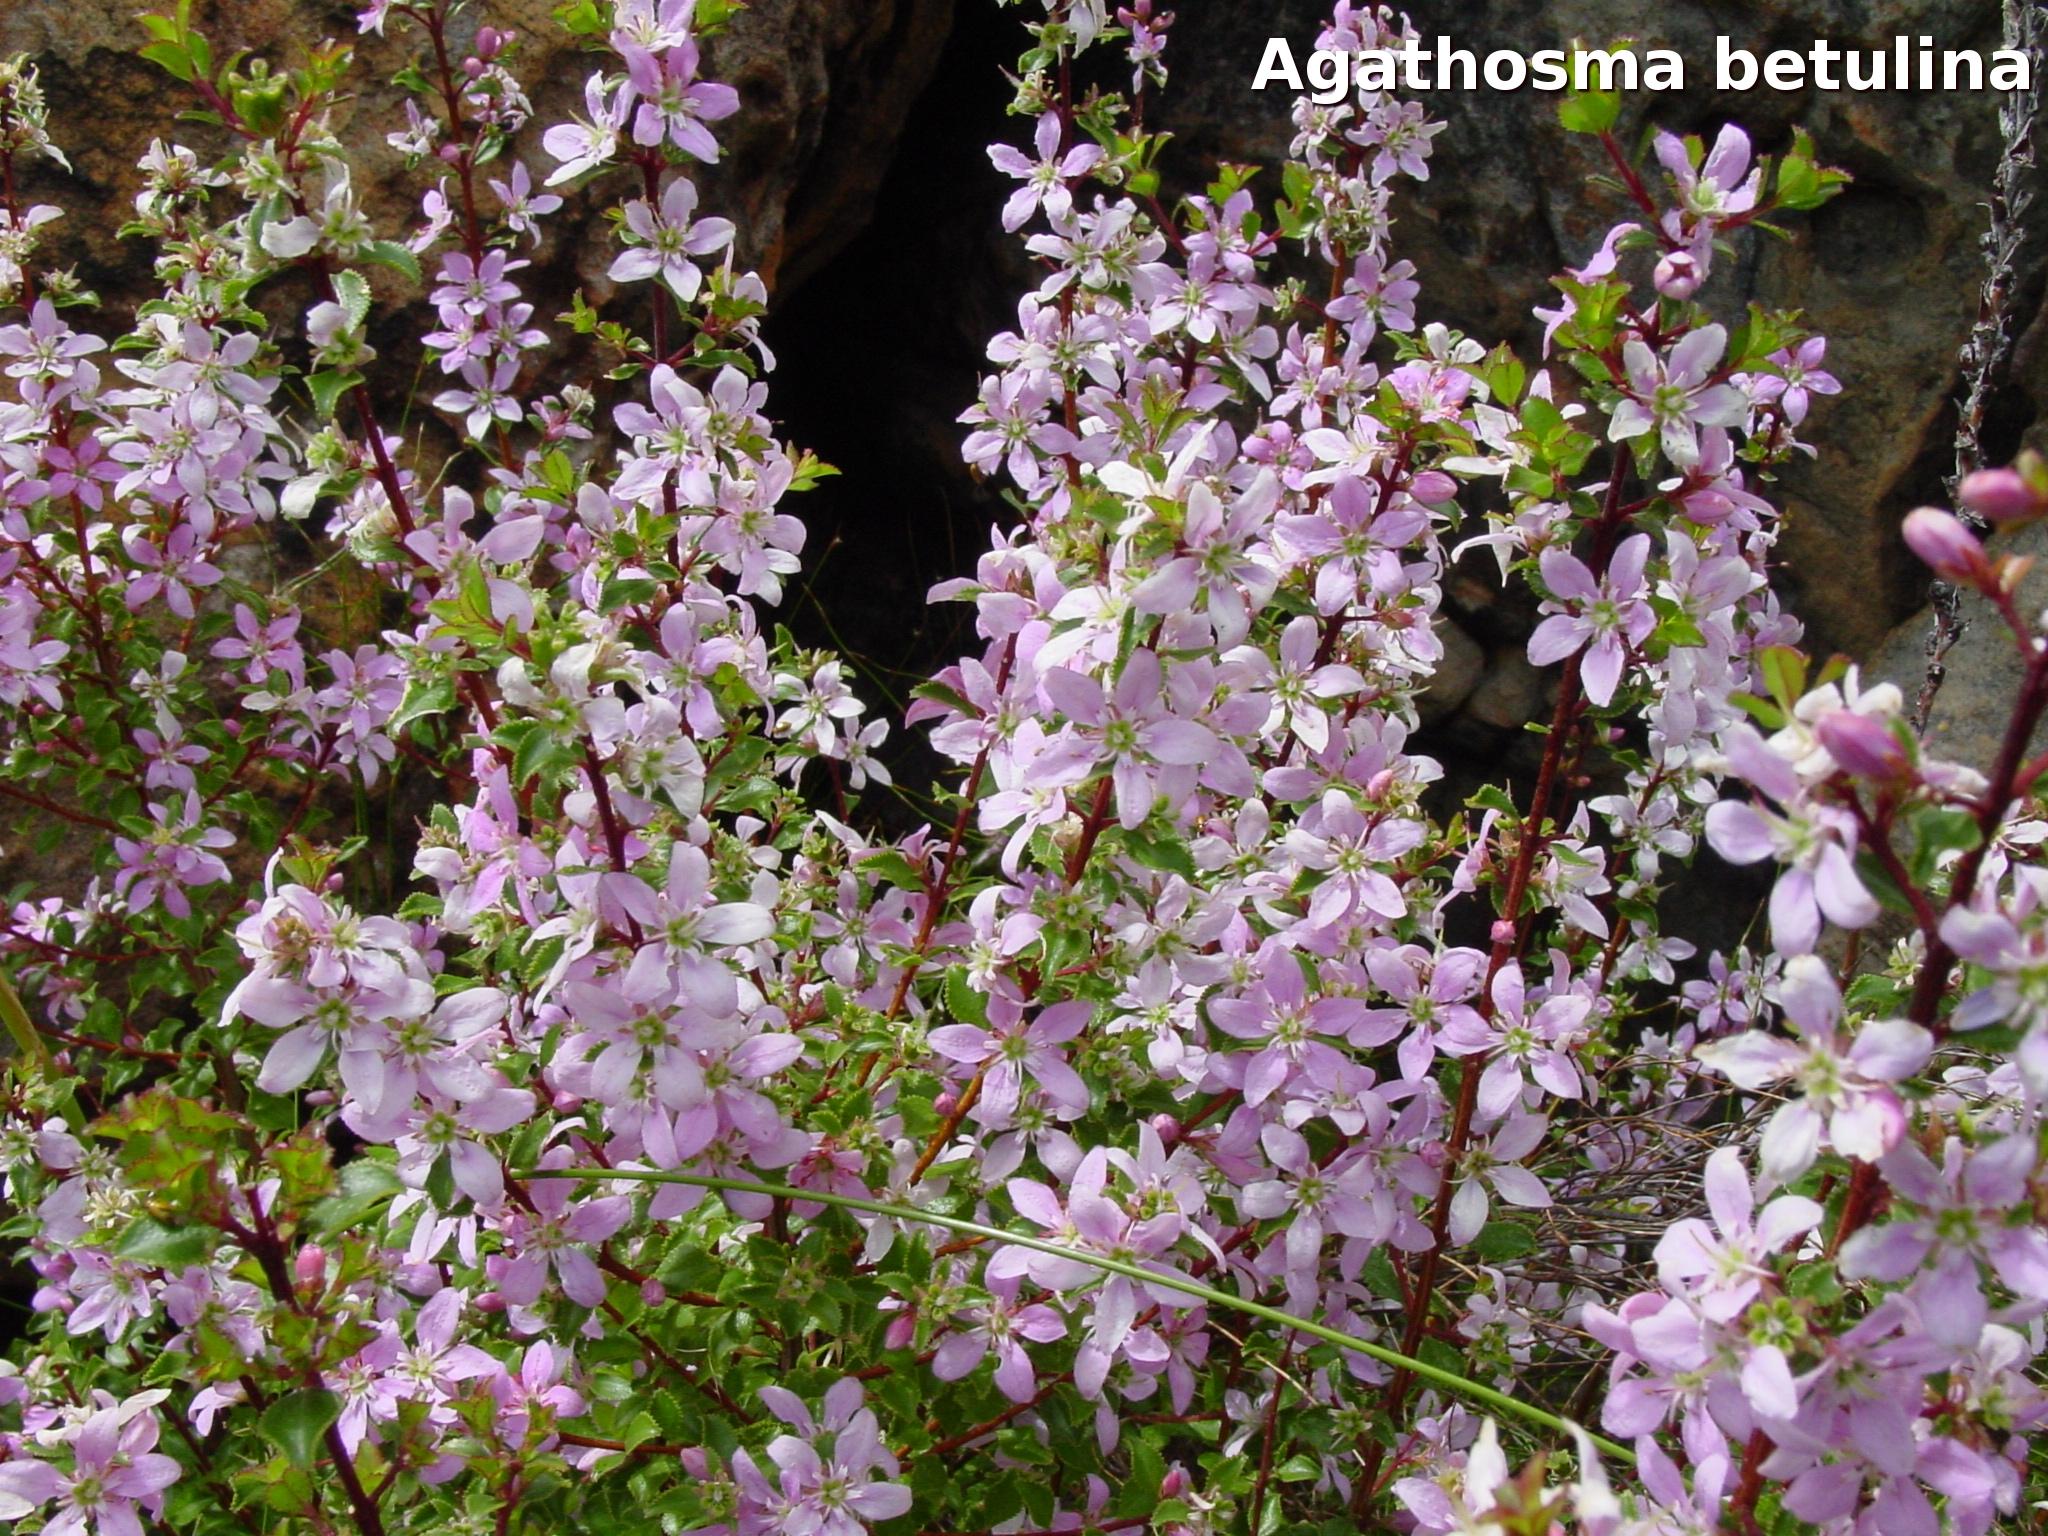 plants_agathosma_betulina1